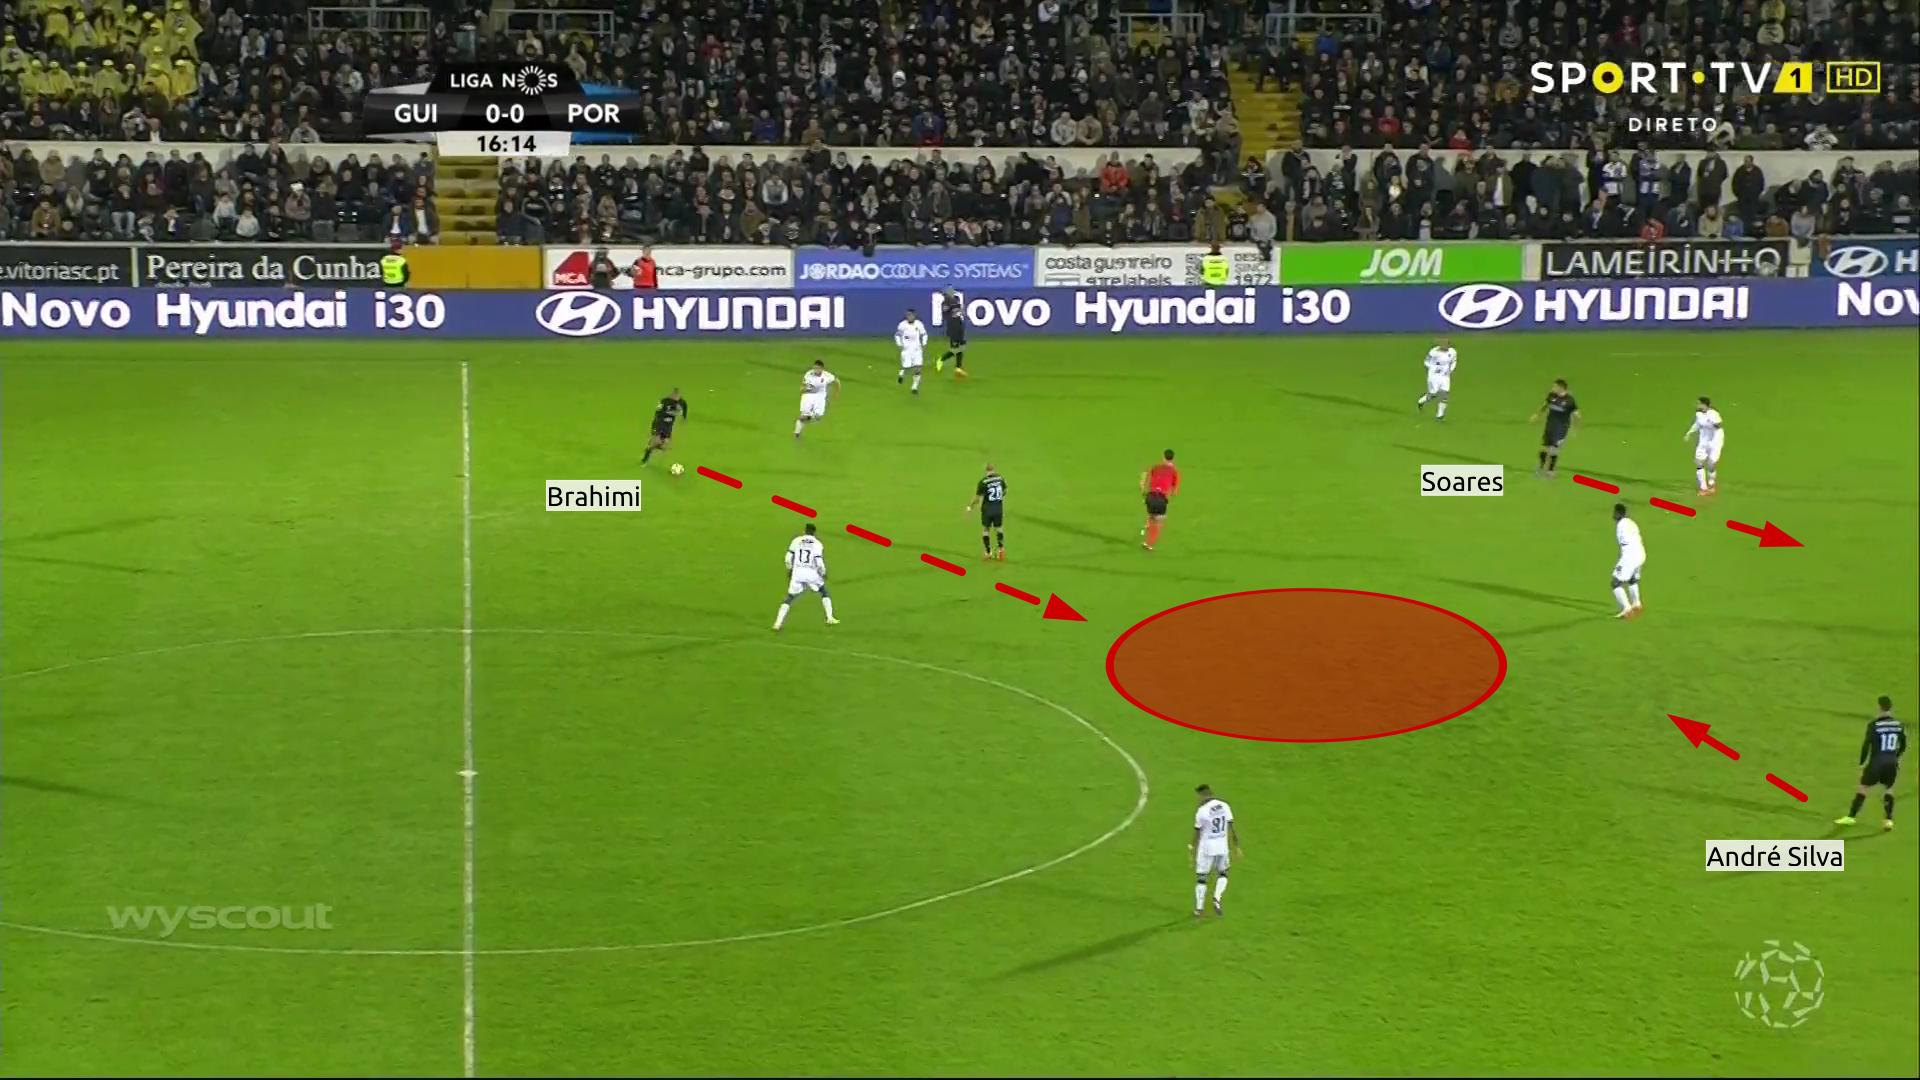 Brahimi attacca lo spazio di fronte a sé, attirando i giocatori avversari, in modo tale da creare spazio ad André Silva per ricevere palla e servire Soares sulla corsa.